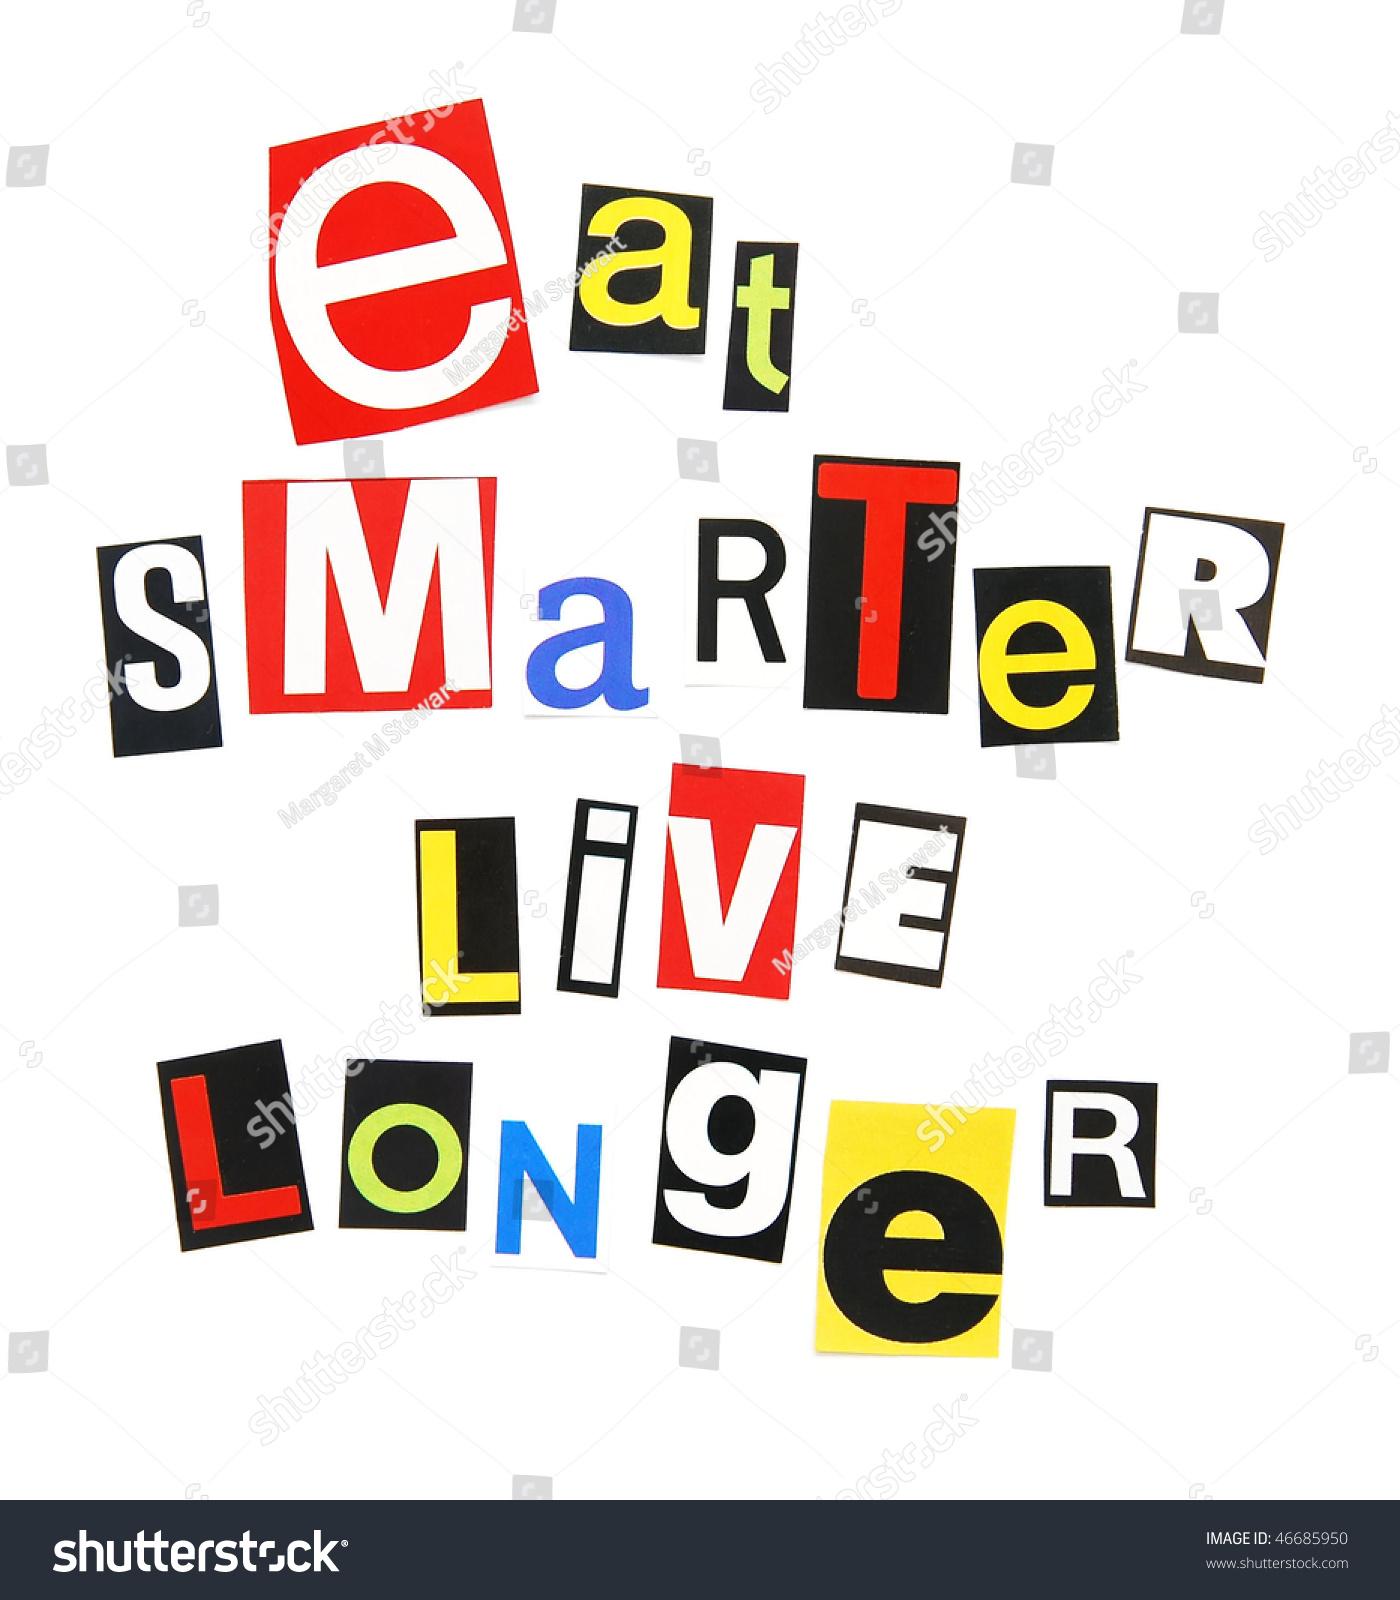 eat smarter live longer stock photo 46685950 shutterstock. Black Bedroom Furniture Sets. Home Design Ideas